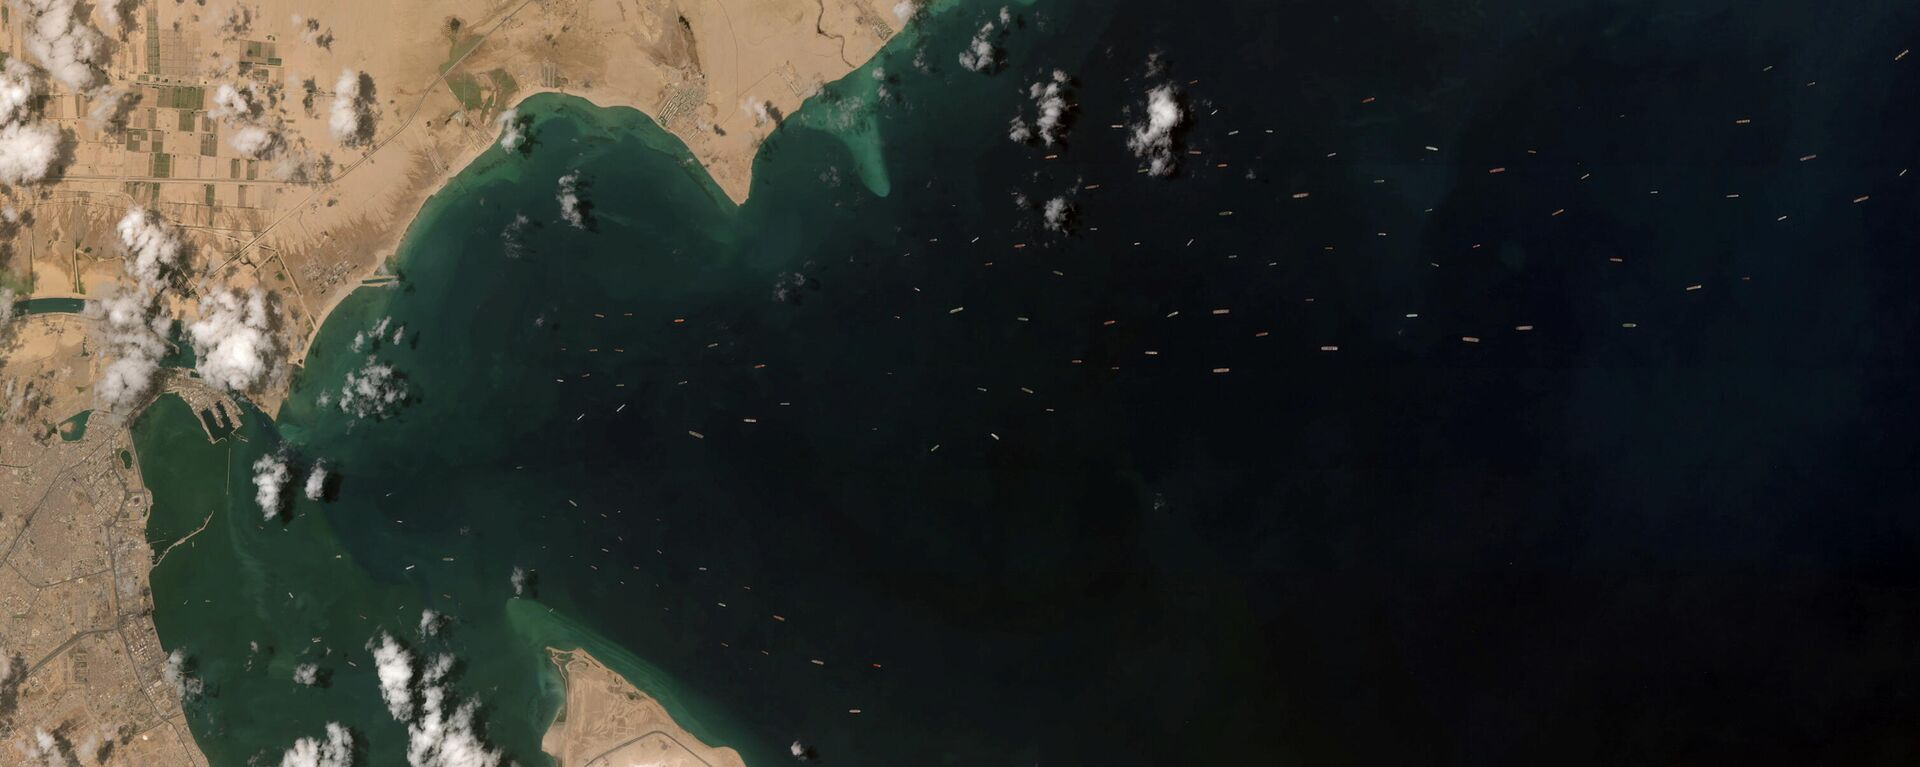 Barcos esperando para entrar al canal de Suez - Sputnik Mundo, 1920, 28.03.2021